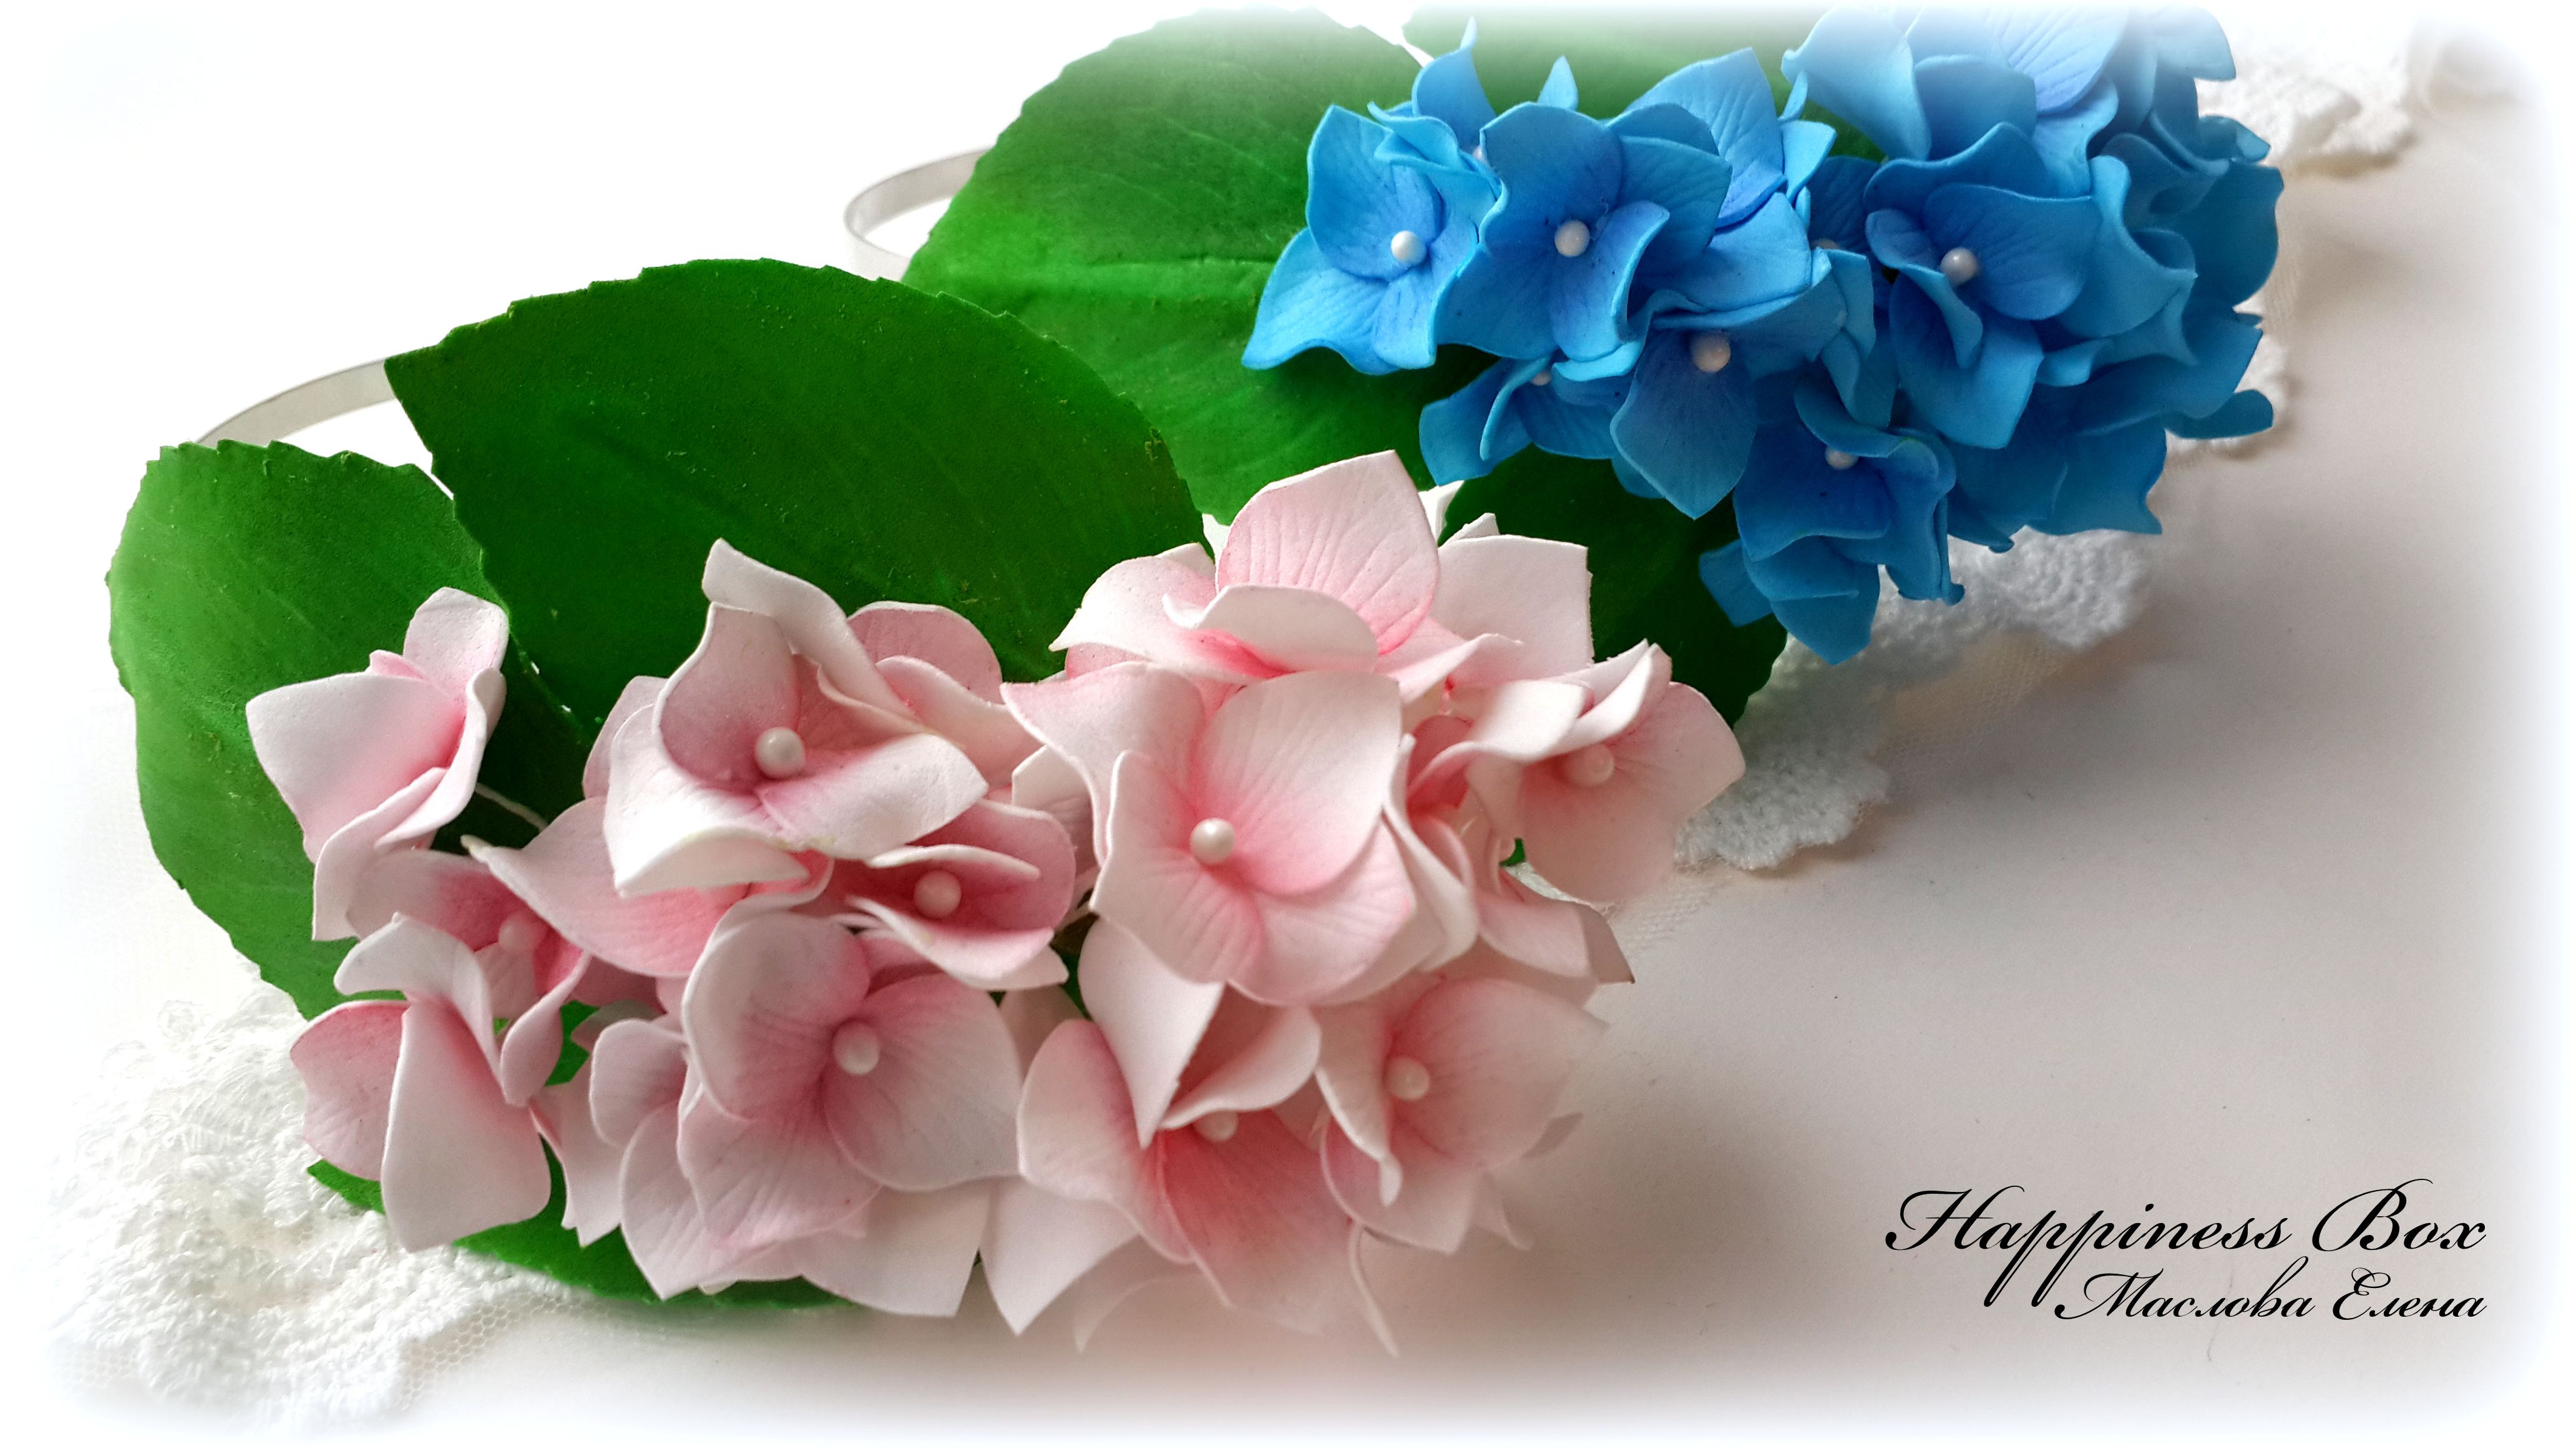 выпускной цветов ободок фом happinessbox гортензия фоамиран ревелюр вечеринка казань свадьба украшениеободок венокиз цветочныеукрашения цветыизфоамирана